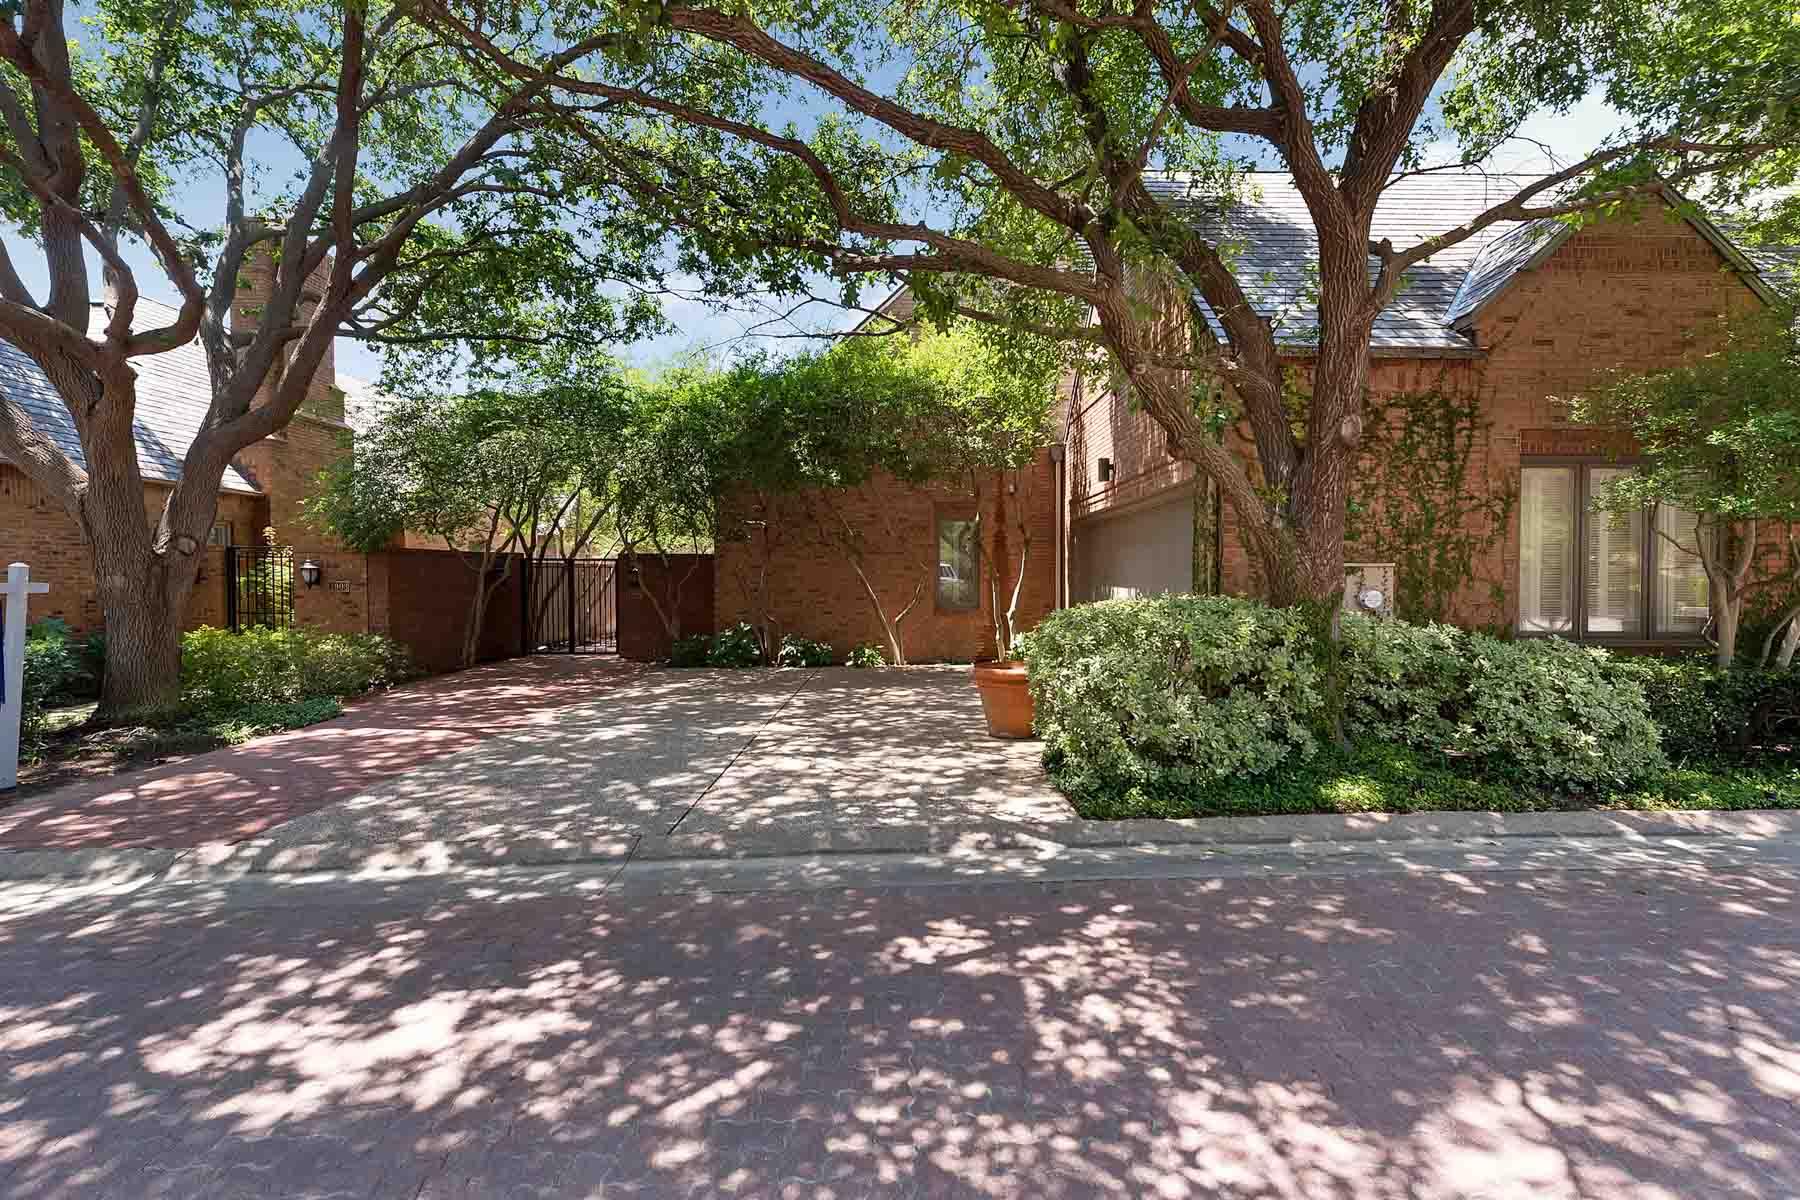 Villa per Vendita alle ore Overton Woods, English 4905 Westbriar Drive Fort Worth, Texas, 76109 Stati Uniti